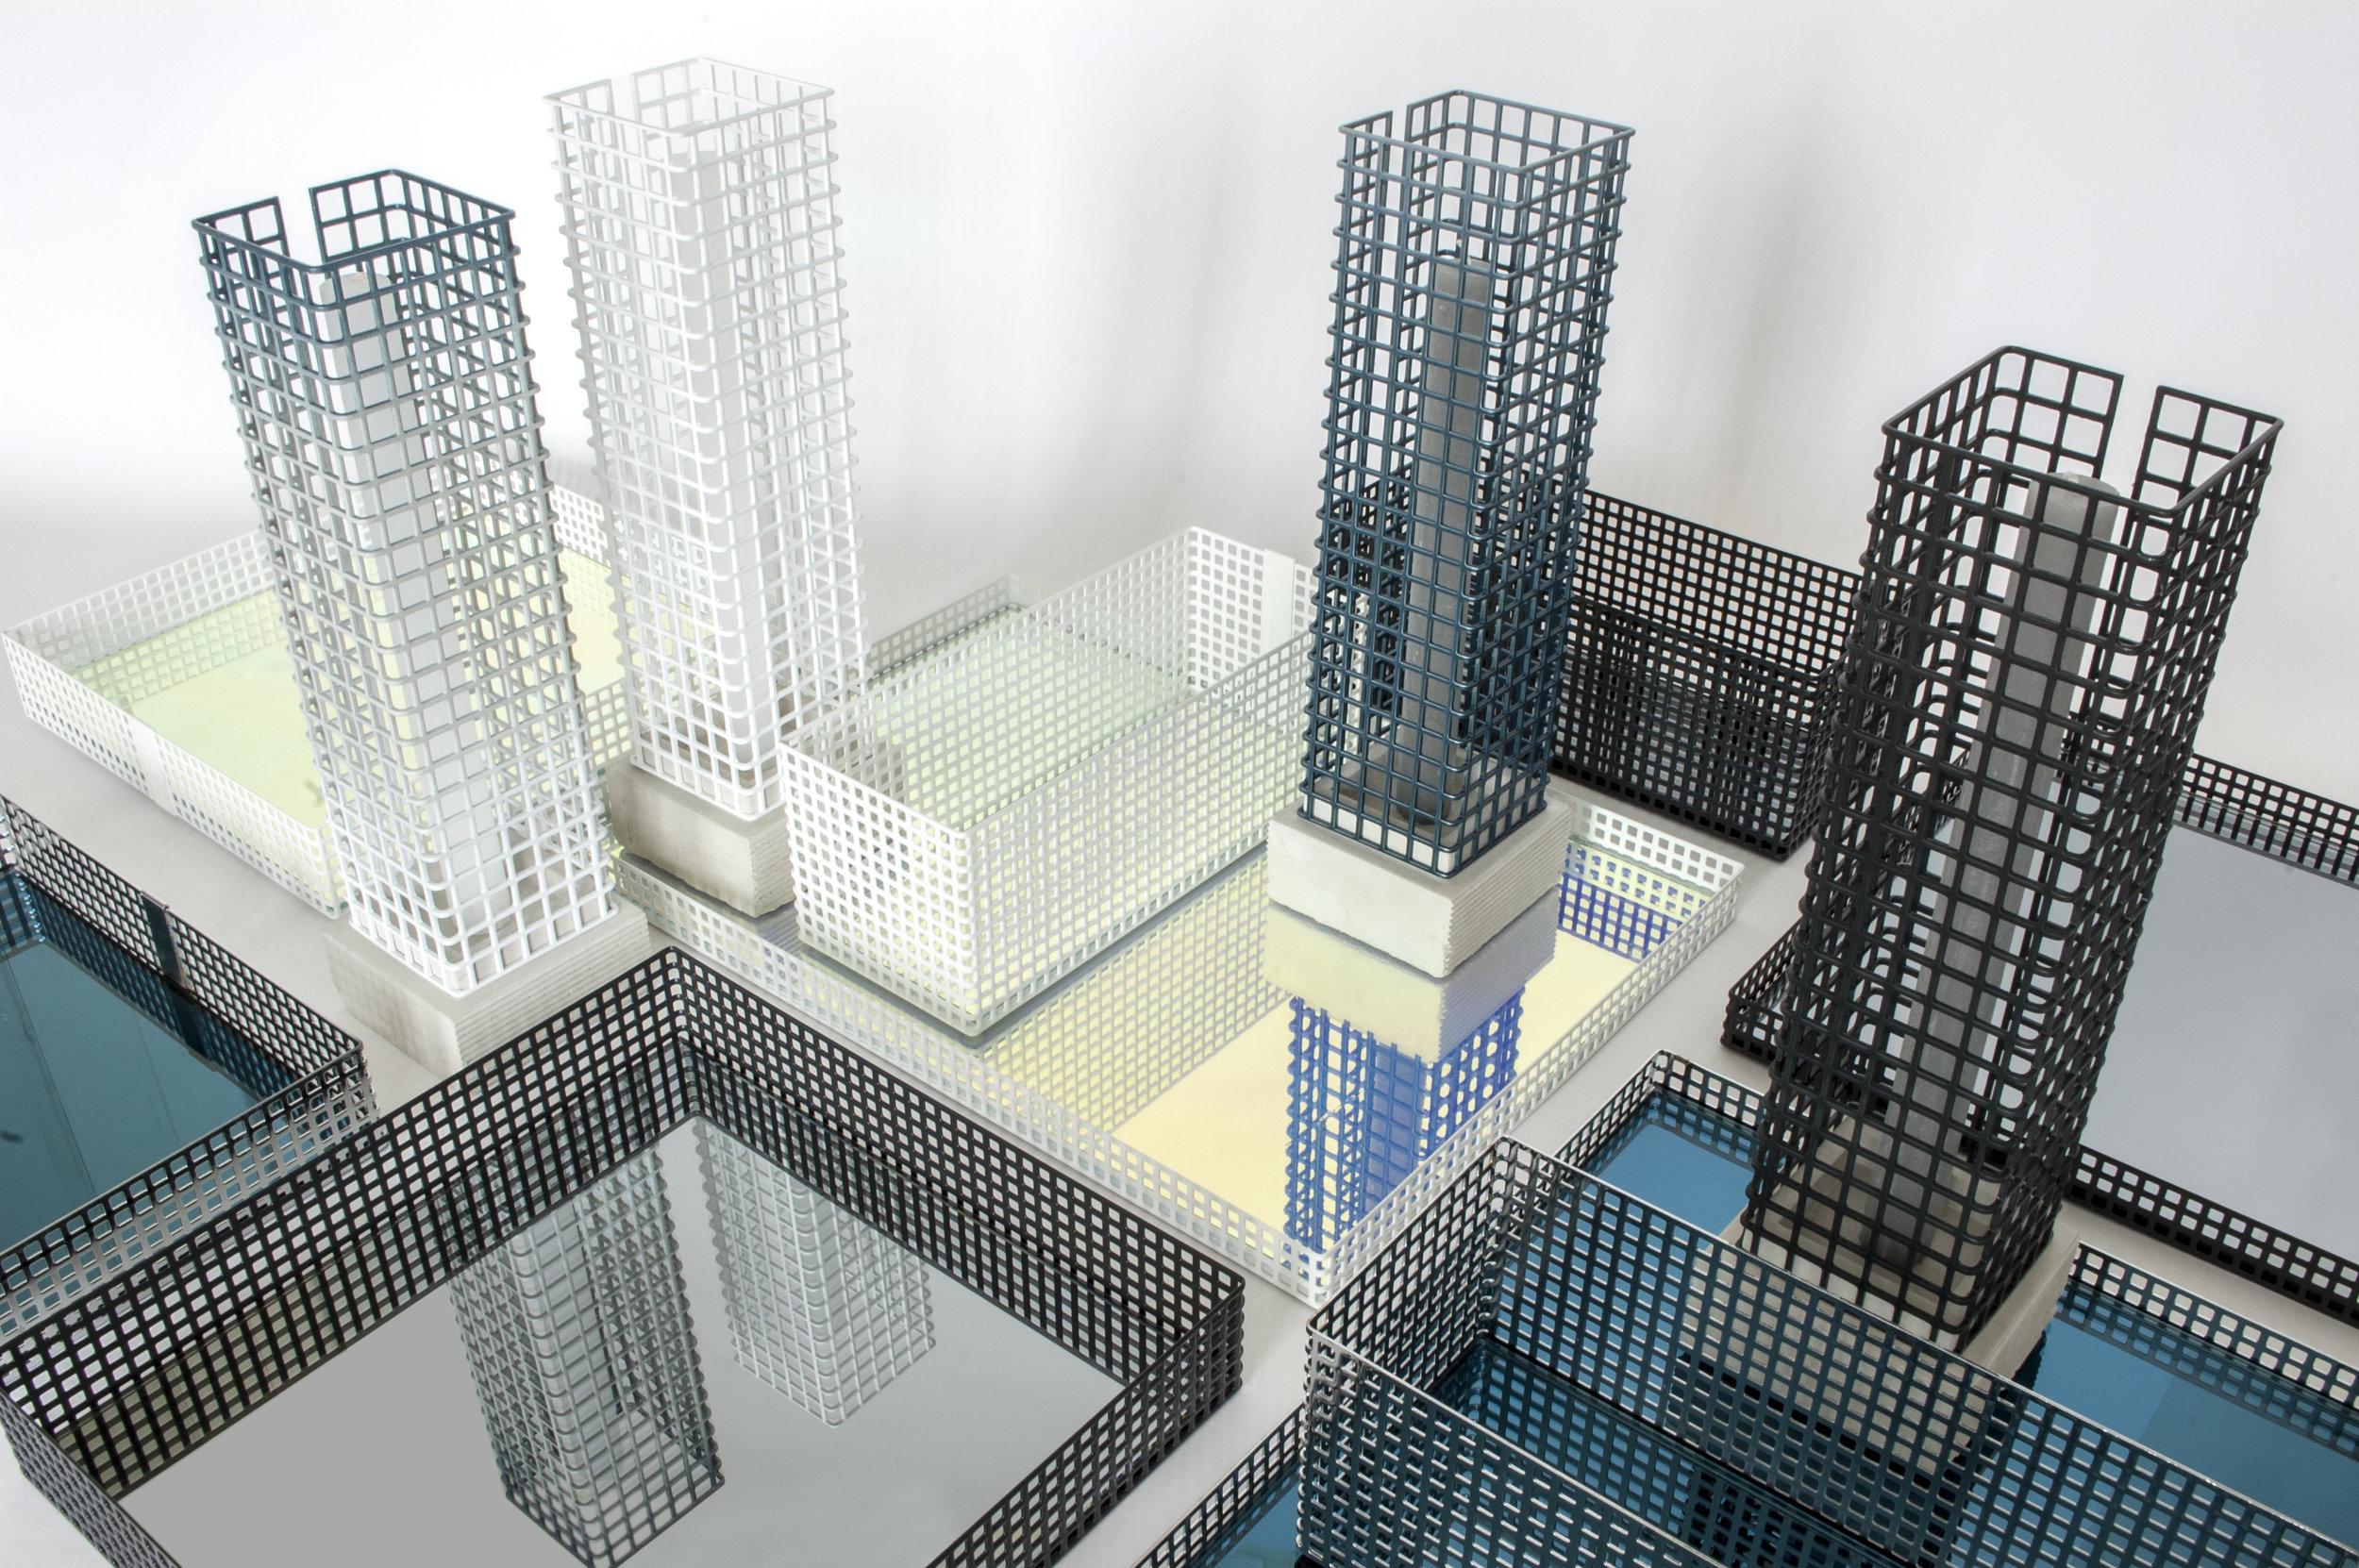 Table Architecture composition 2 - David Derksen Design.jpg